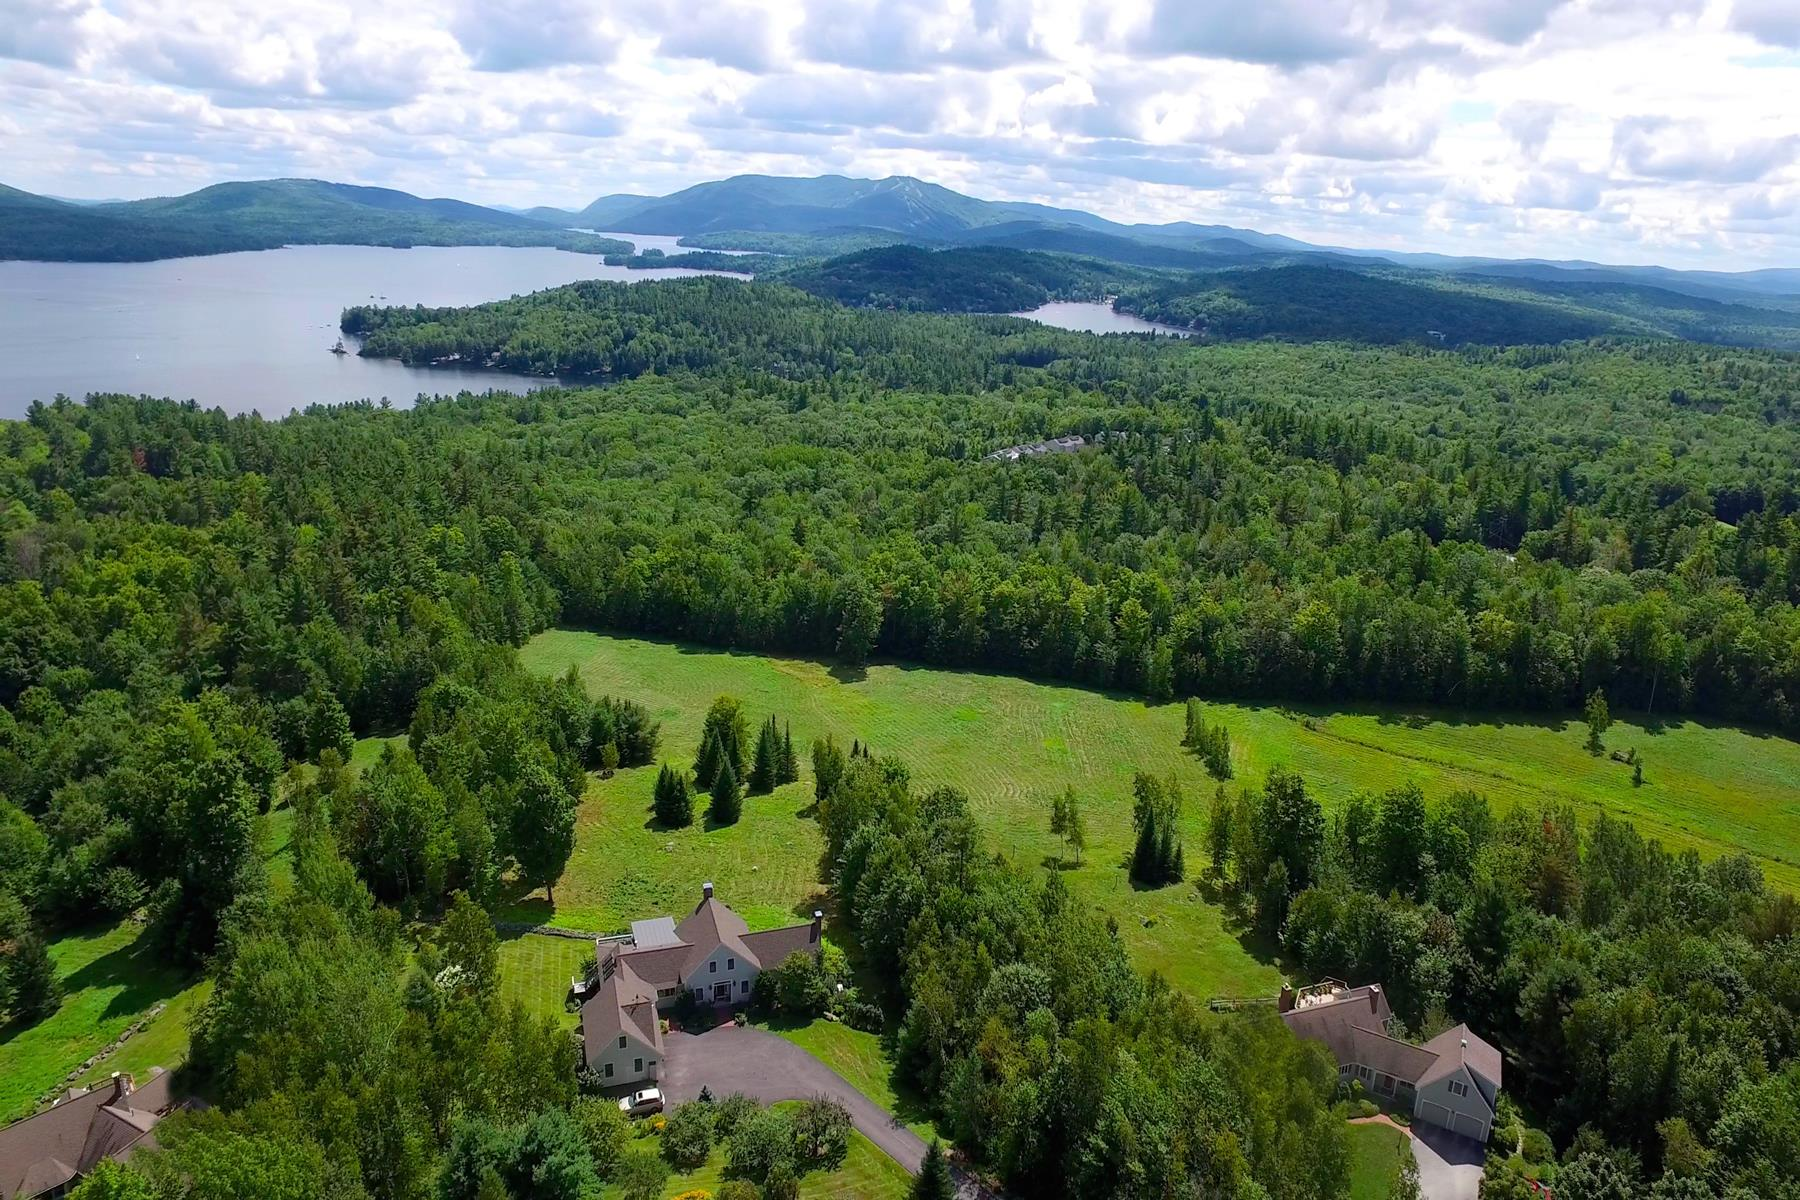 Частный односемейный дом для того Продажа на 138 Browns Hill Road, Sunapee 138 Browns Hill Rd Sunapee, Нью-Гэмпшир, 03782 Соединенные Штаты